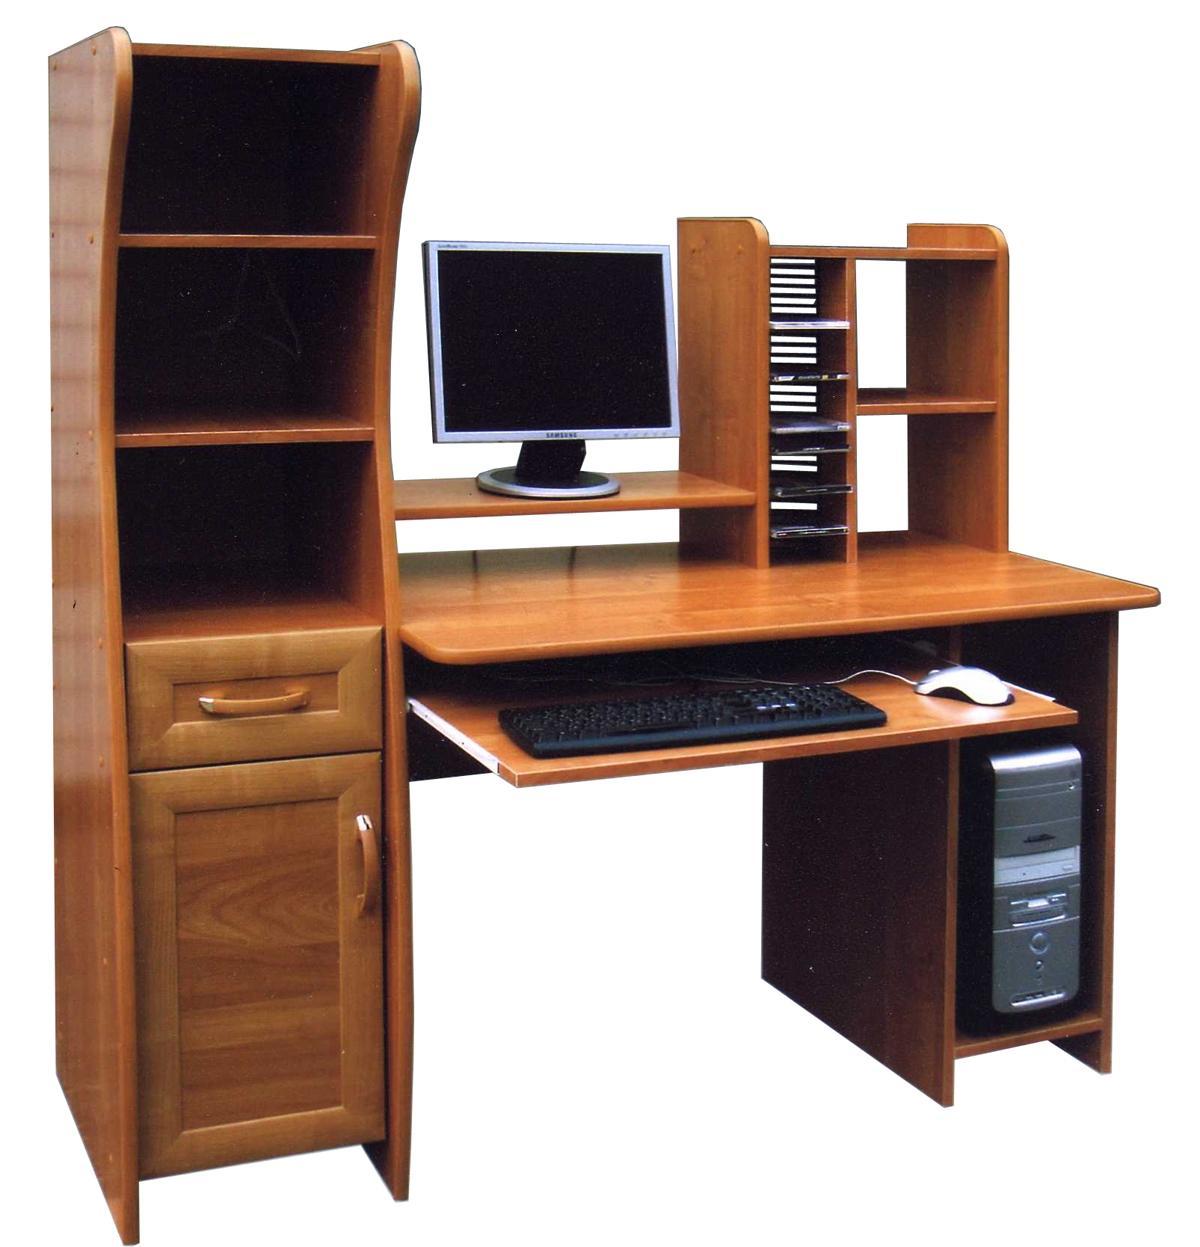 Стол для компьютера Mebelus 15680483 от mebel-top.ru